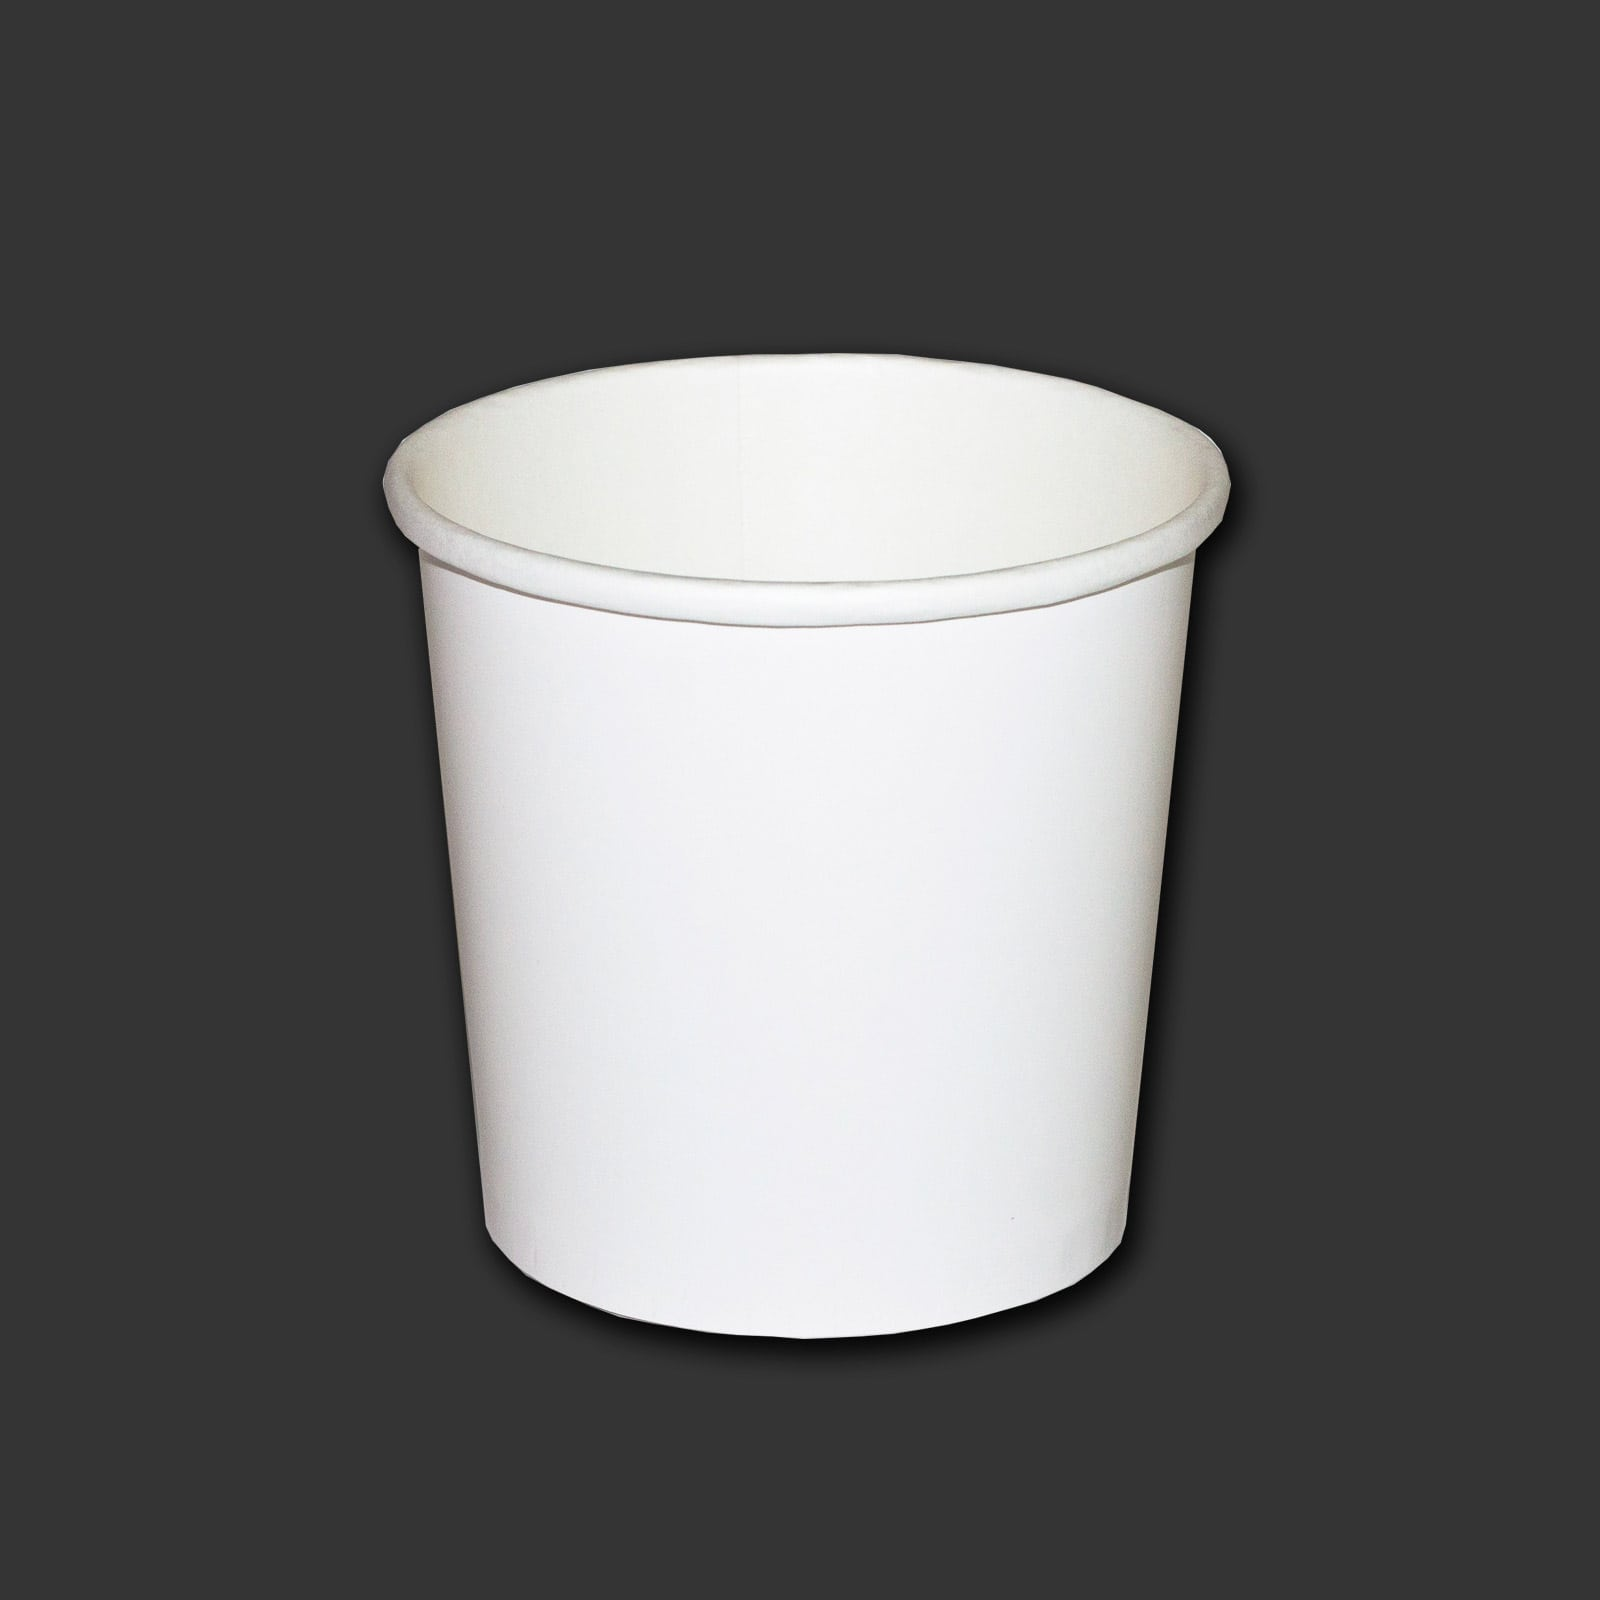 Картонная упаковка для пельменей – VIKO - Производство